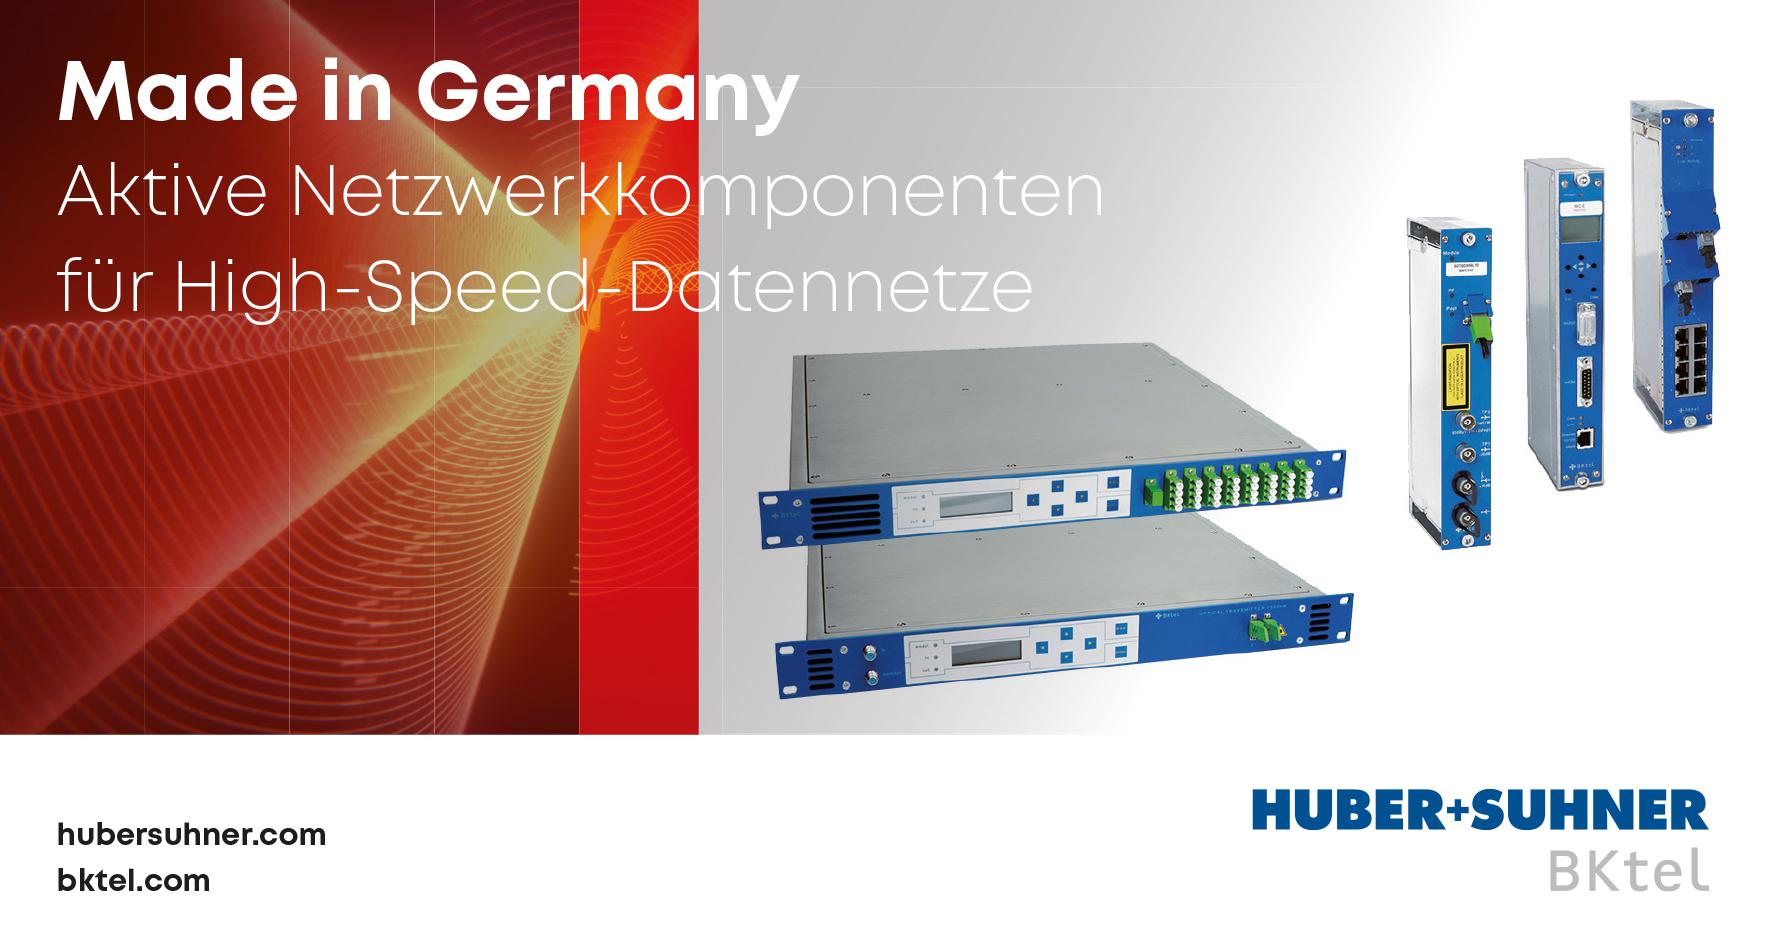 Aktive Netzwerkkomponenten für High-Speed-Datennetze